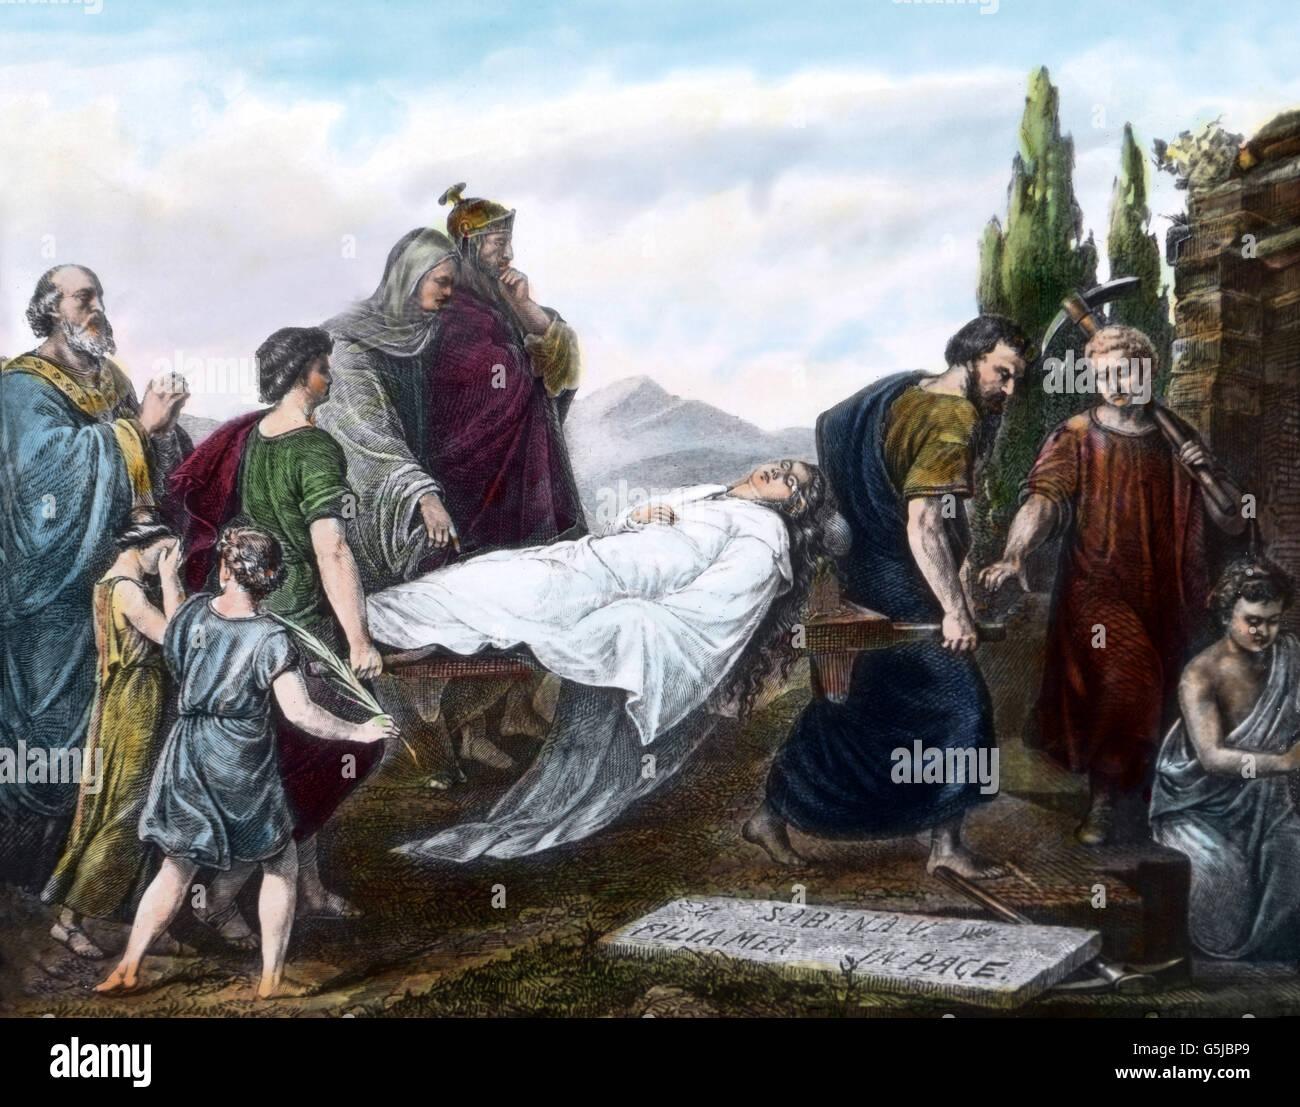 Die Bestattung der heiligen Caecilia, mit dem Trauerzug vor ihrer Katakombe in Rom, Italien. Funeral procession of St. Cecilia in front of her tomb at Rome, Italy. Stock Photo